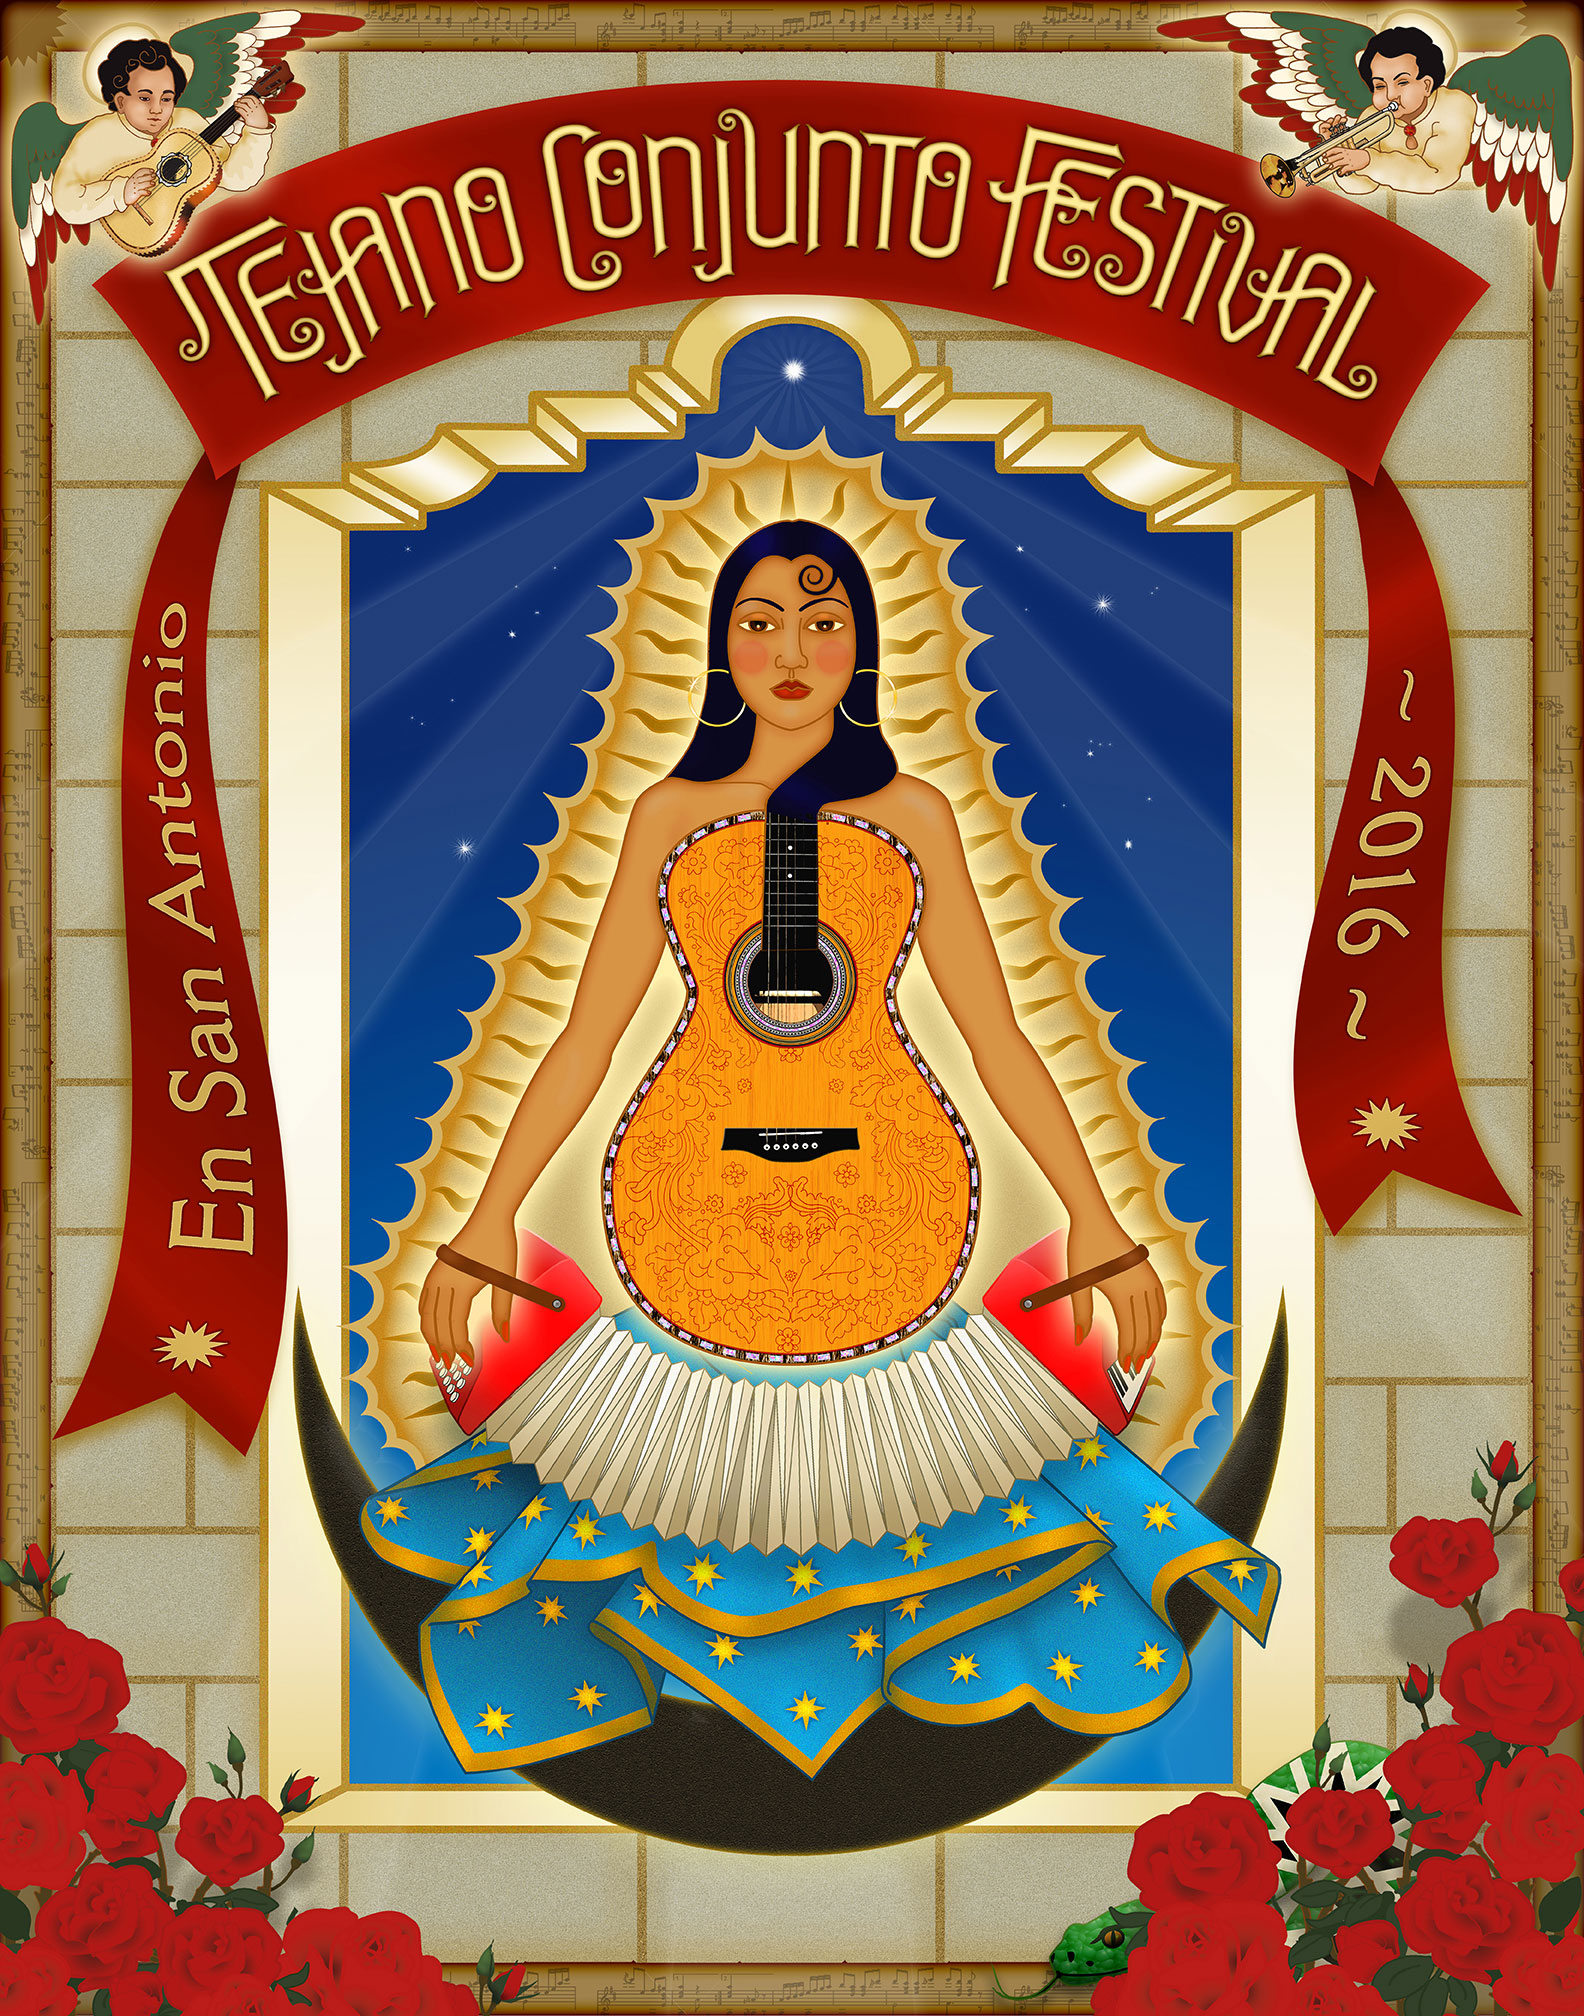 Tejano Conjunto Festival 2016 Poster